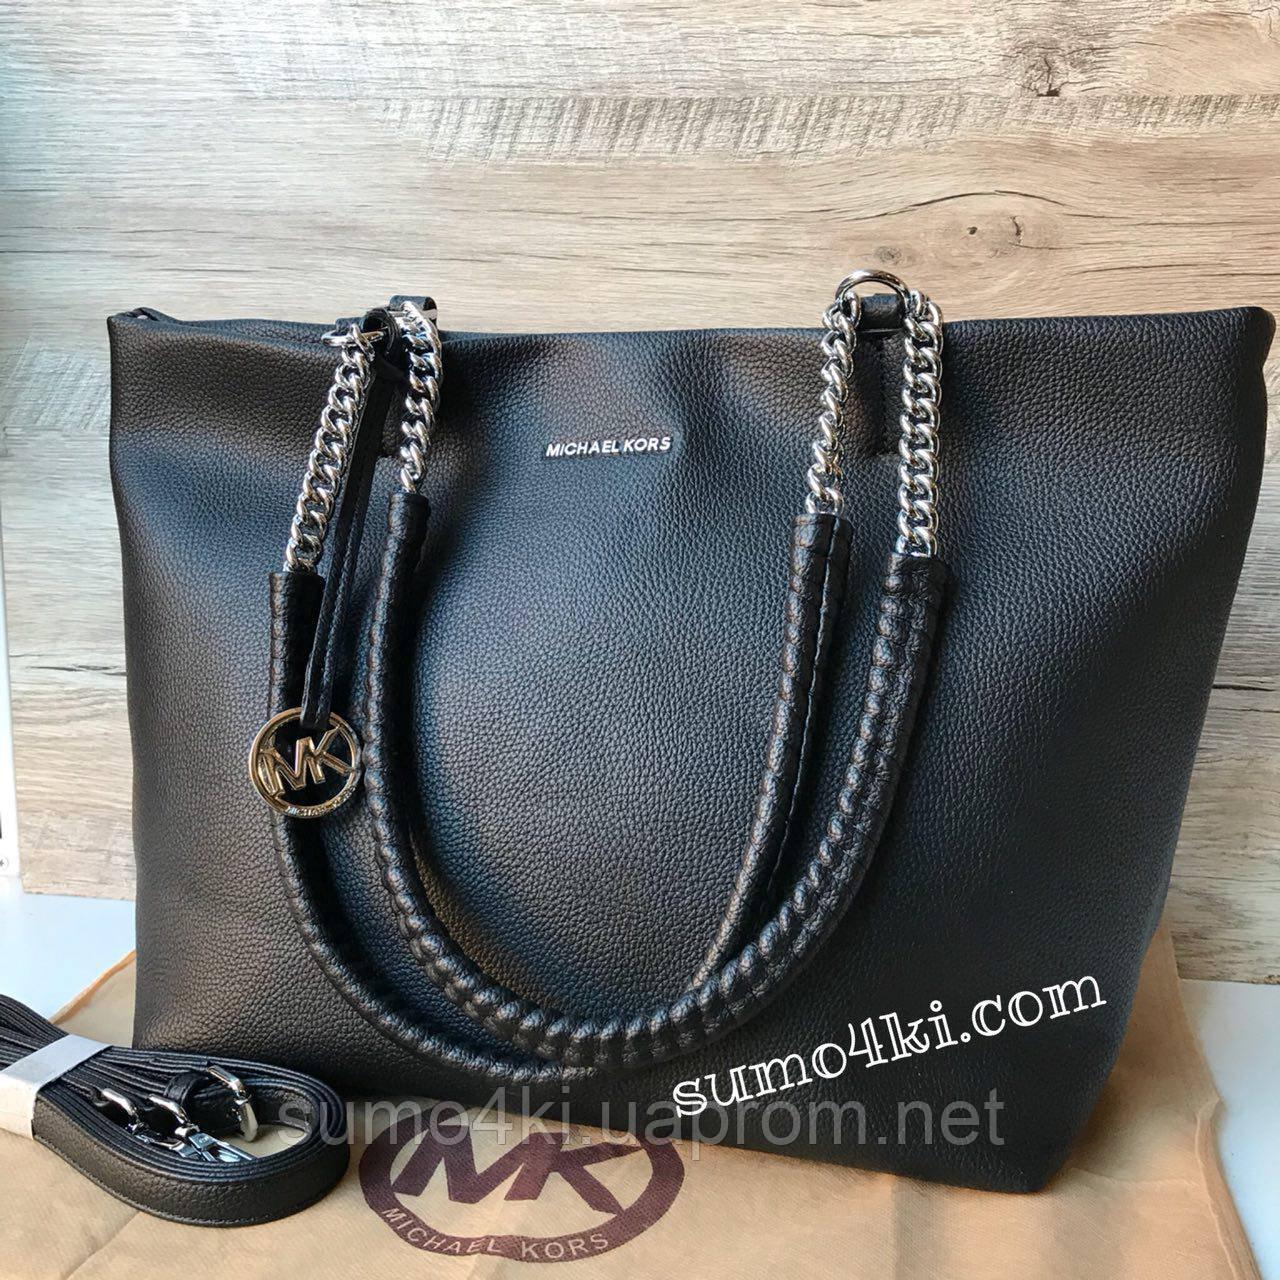 Купить Женскую сумку Michael Kors Майкла Корс оптом и в розницу в ... f80b9a6237d